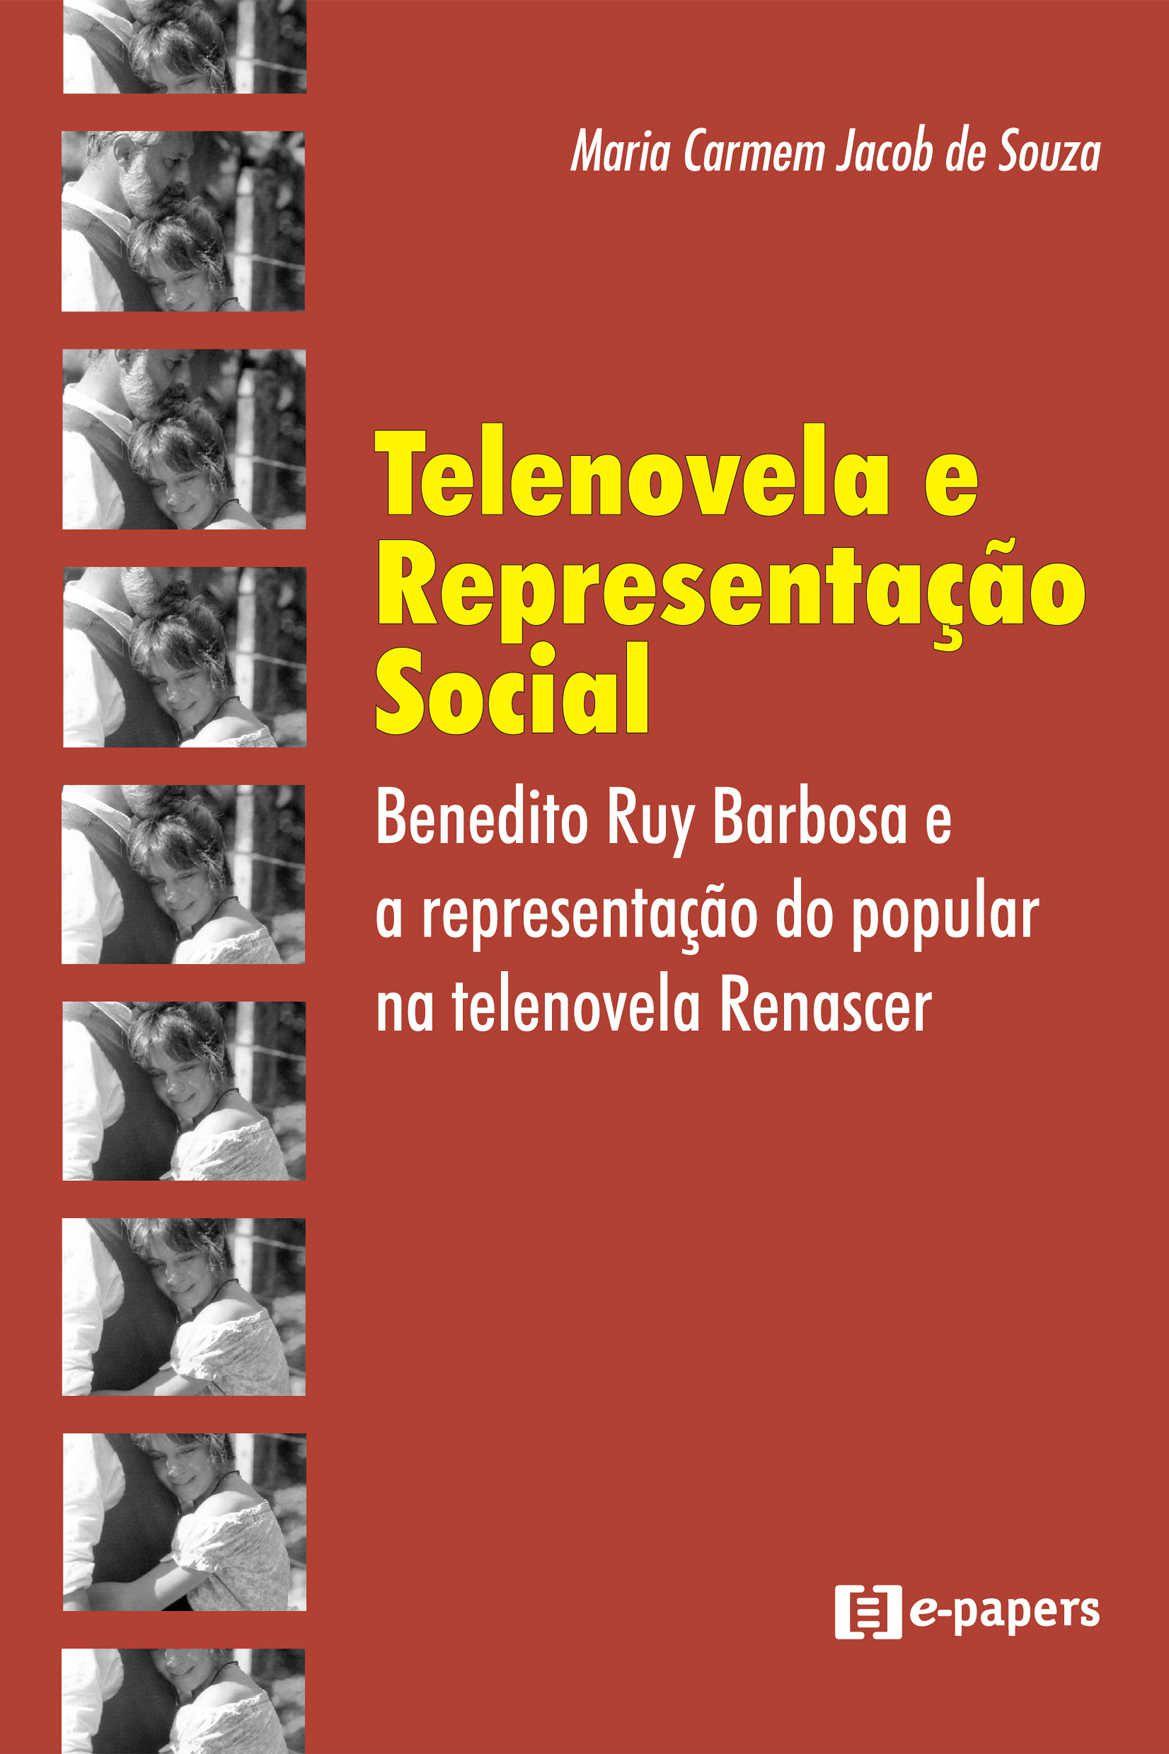 Telenovela e Representação Social: Benedito Ruy Barbosa e a Representação do Popular na Telenovela Renascer